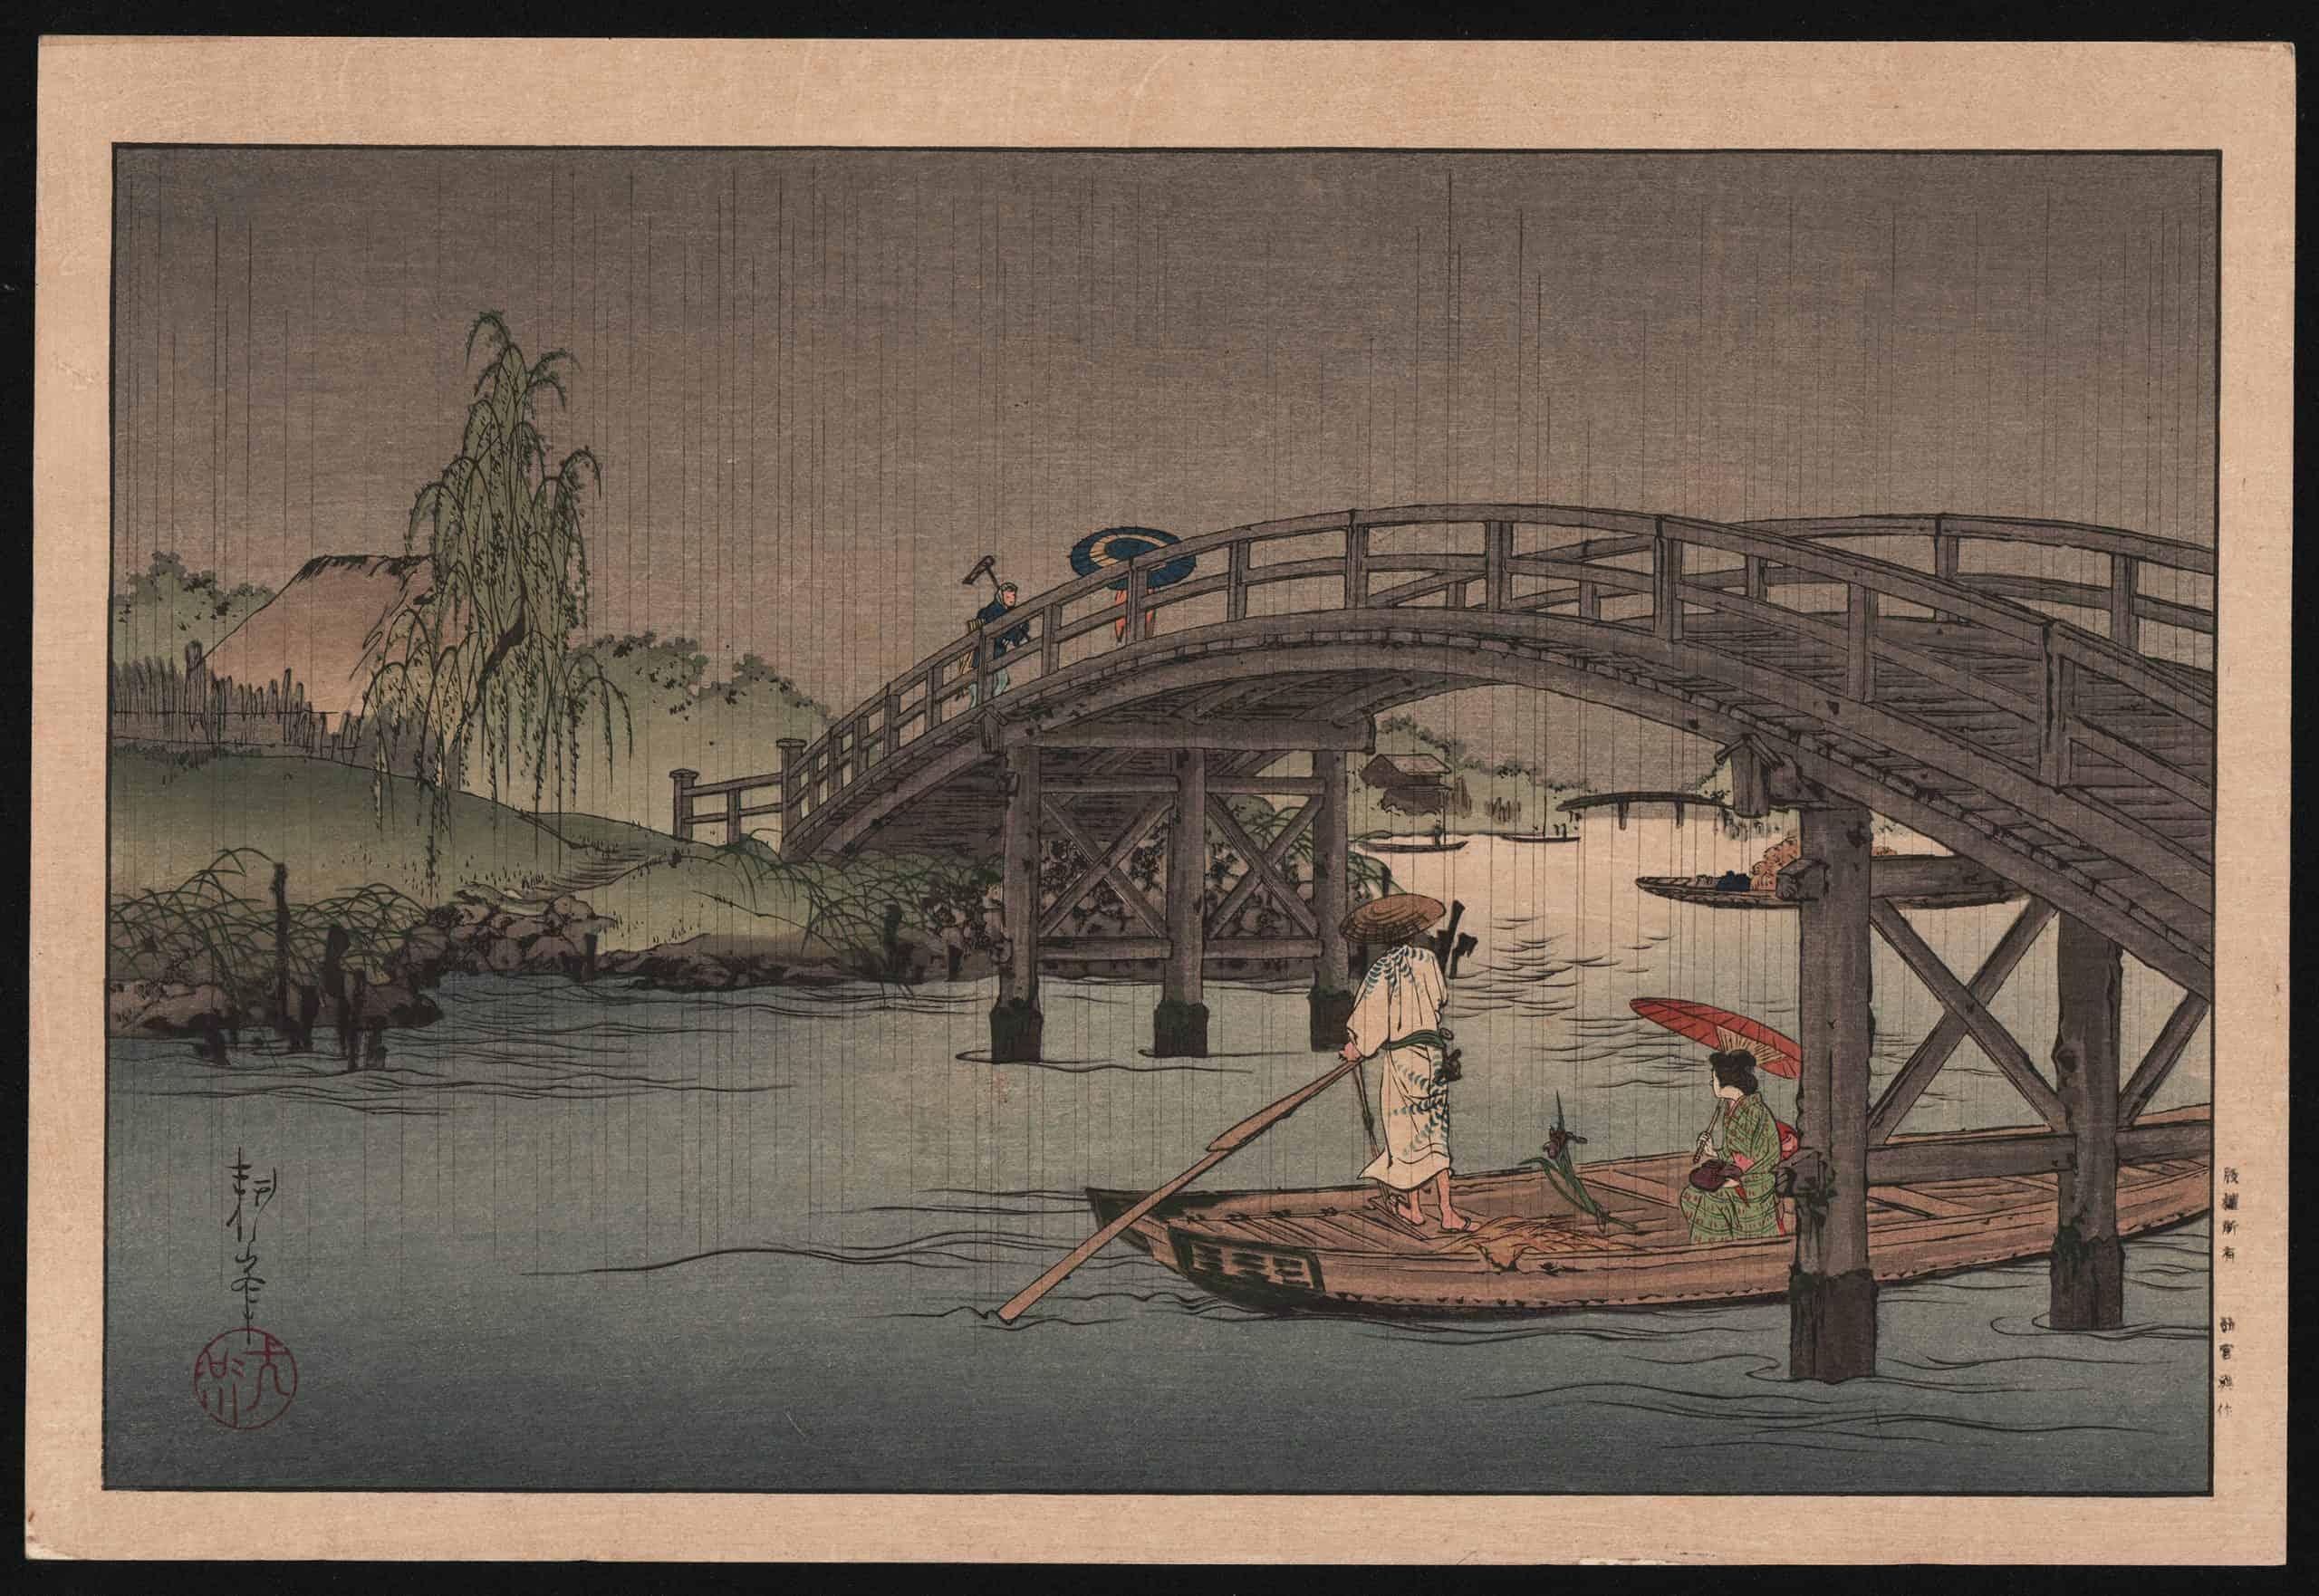 Shoda Koho - Bridge in Rainy Season